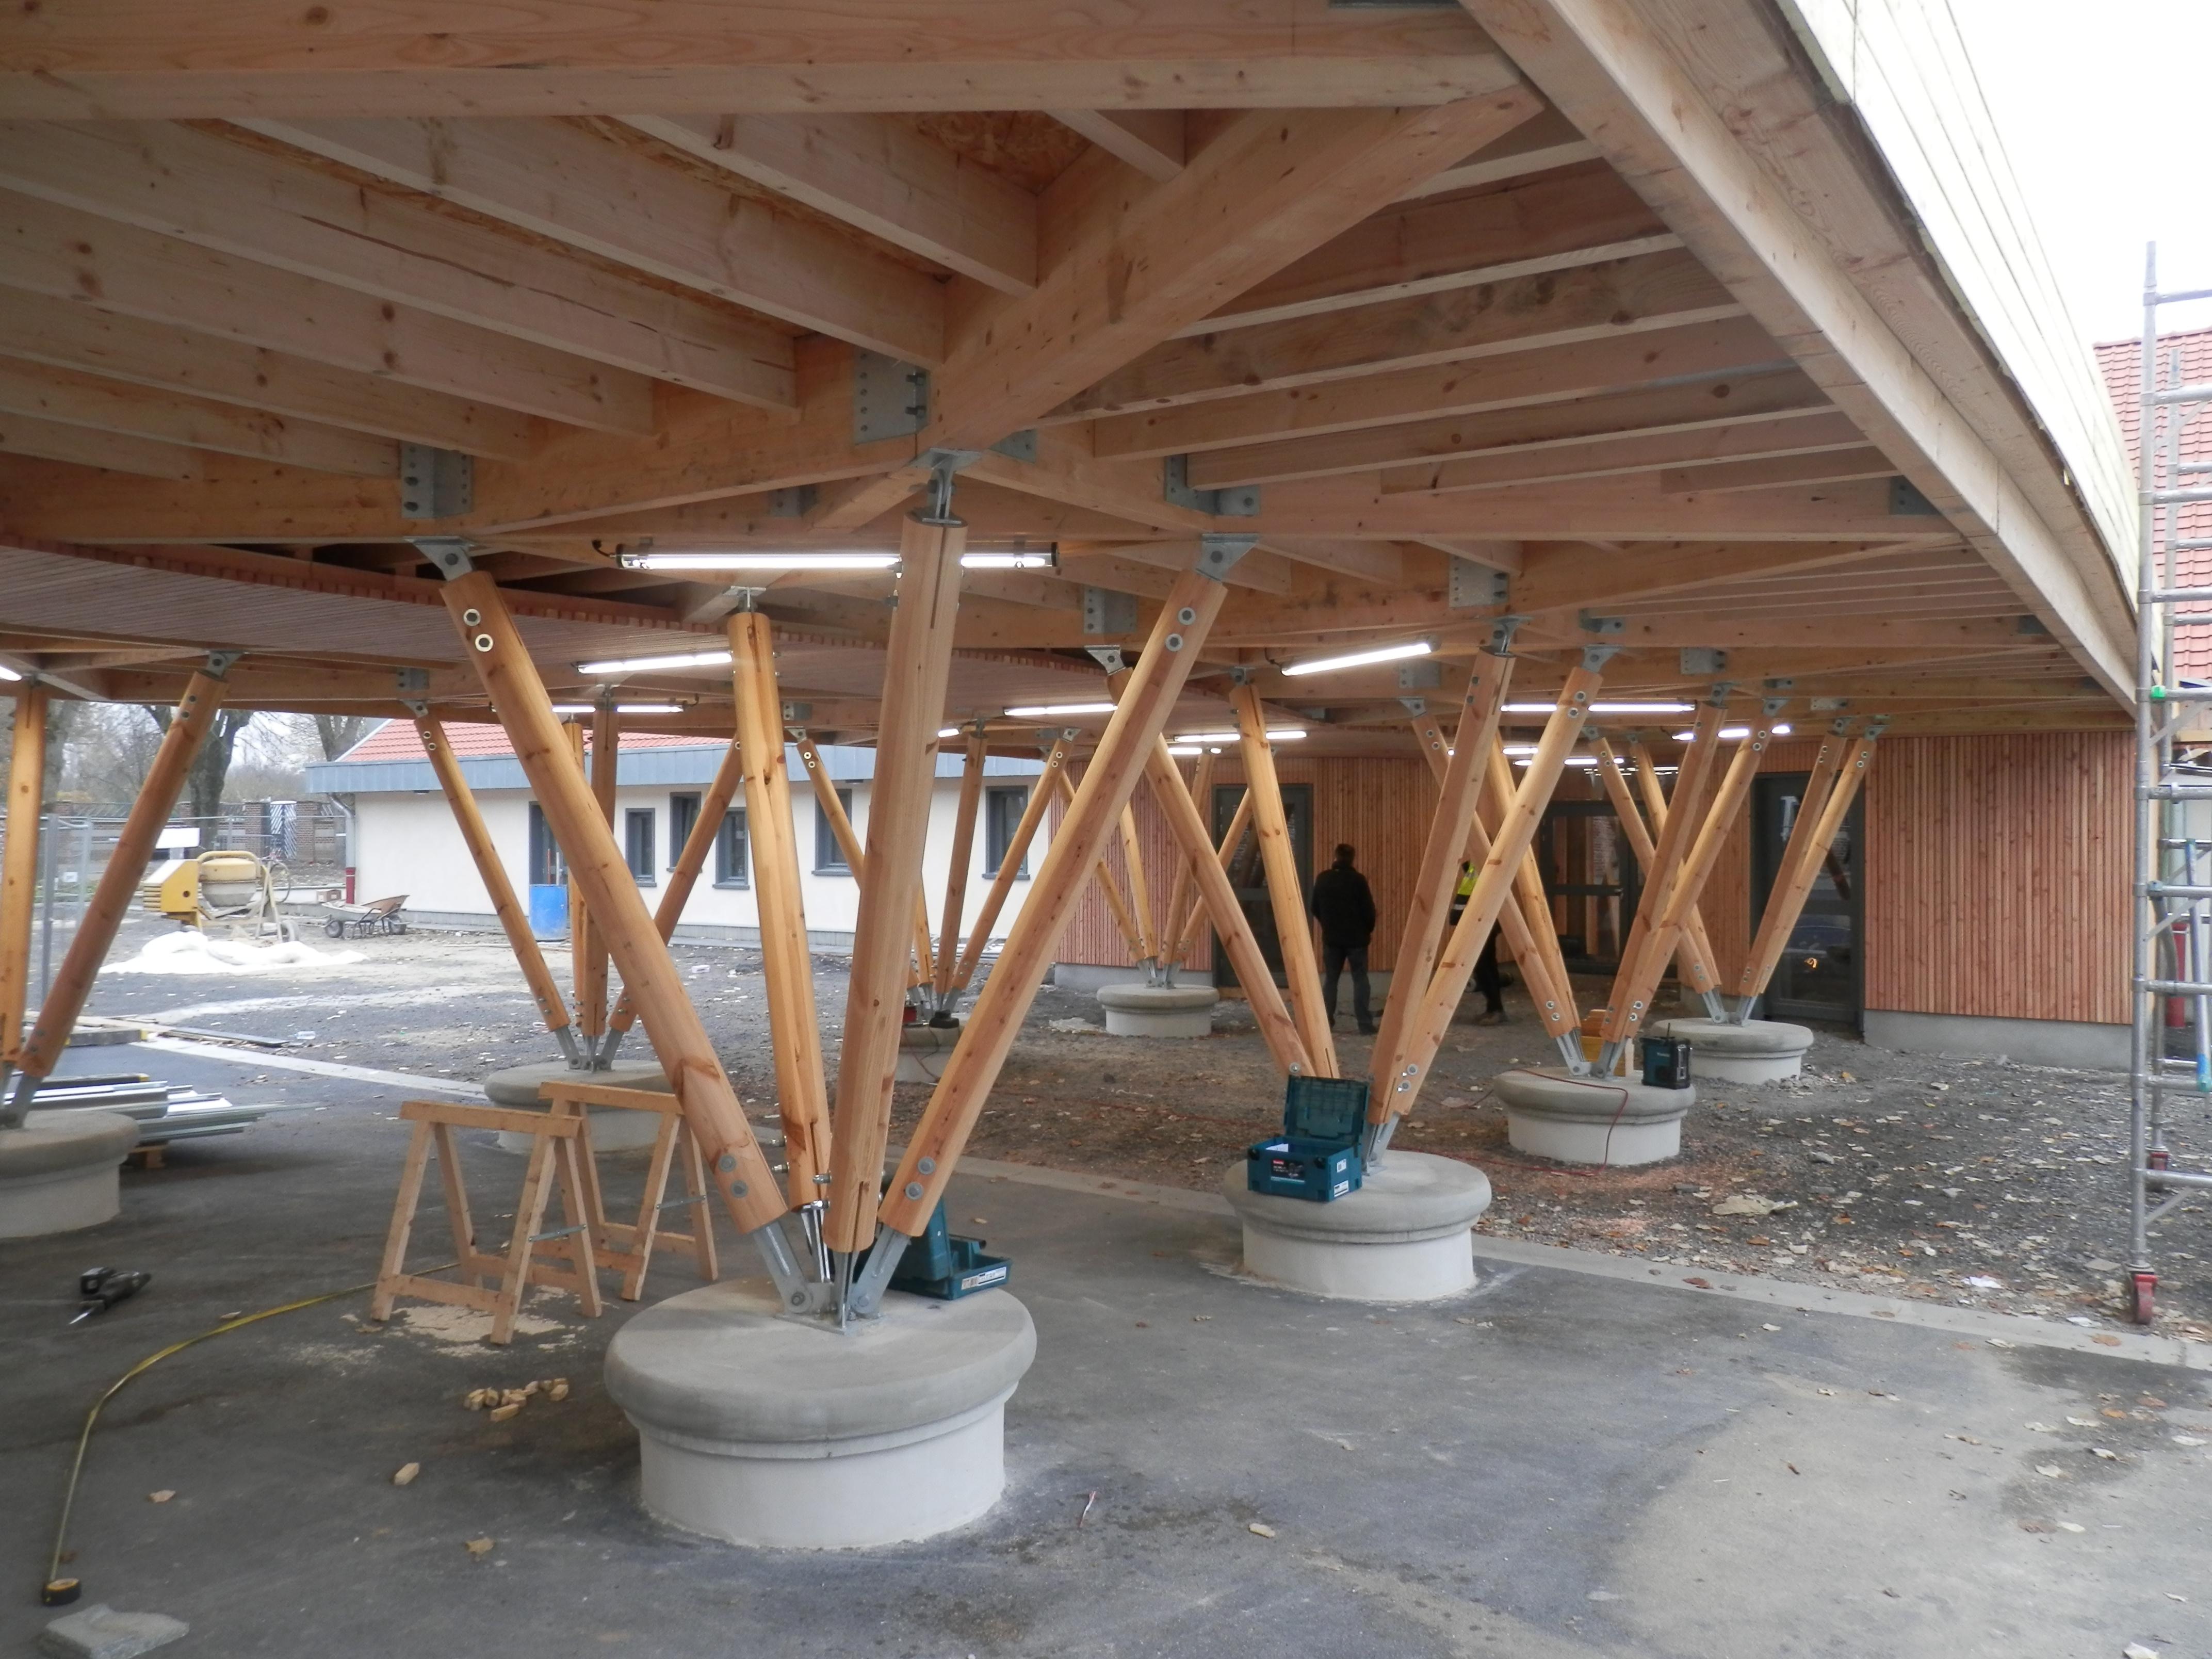 Préau bois traditionnel de l'école Buisson-Lacore à Grenay